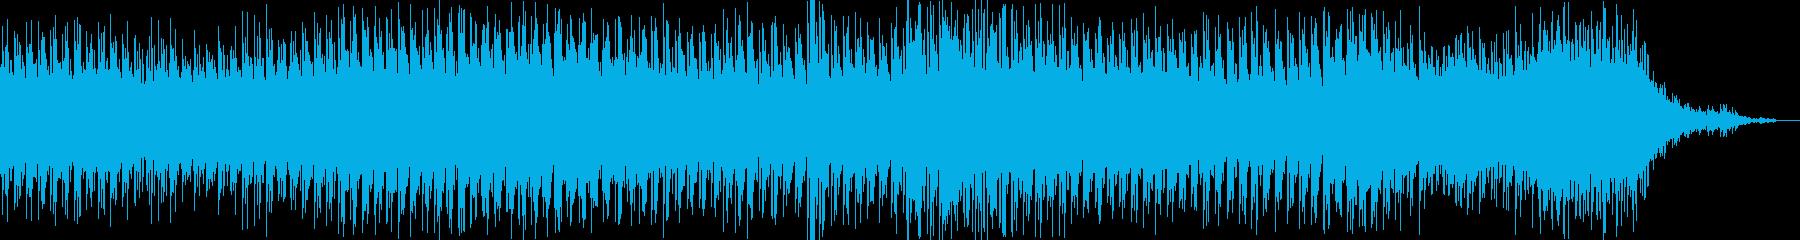 疾走感のあるミニマルなシーケンスの再生済みの波形